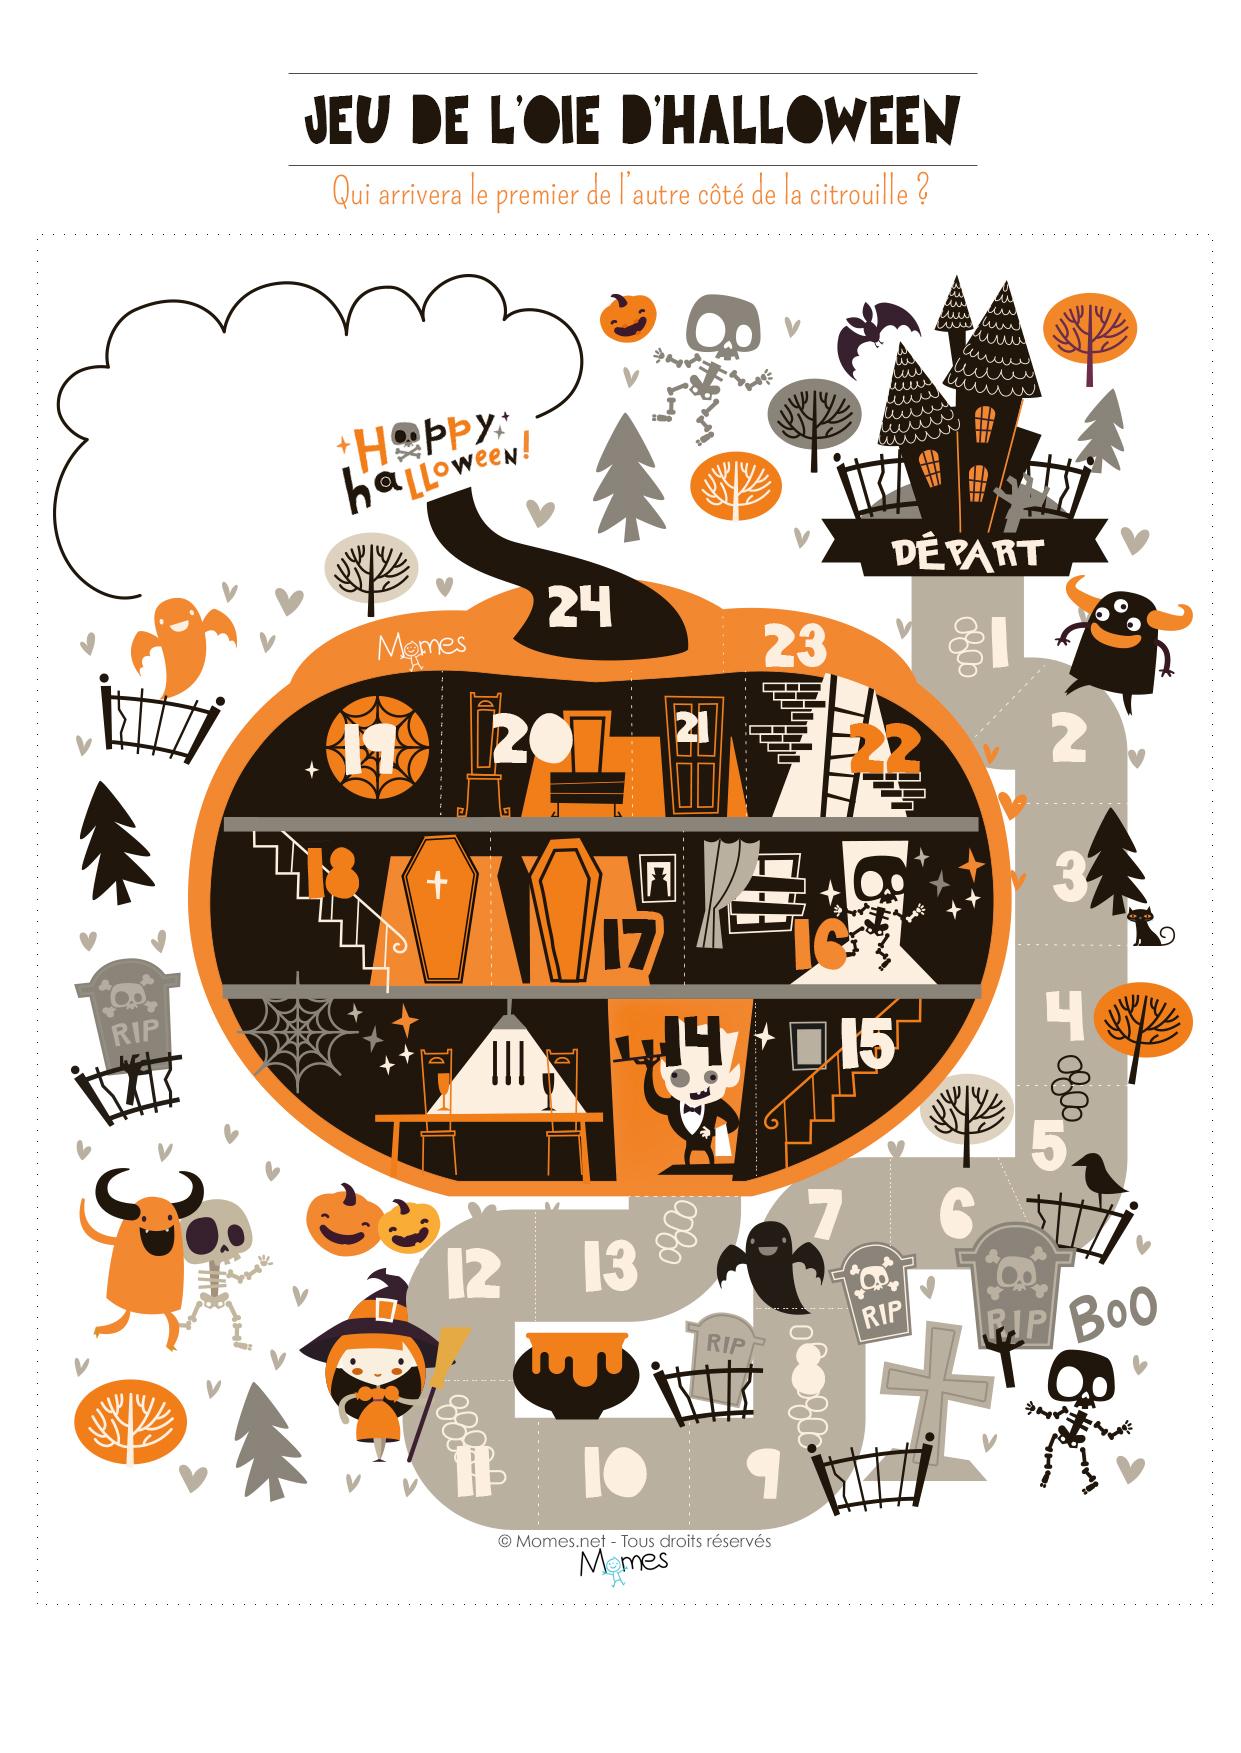 Connu La course aux bonbons d'Halloween - Momes.net VM57